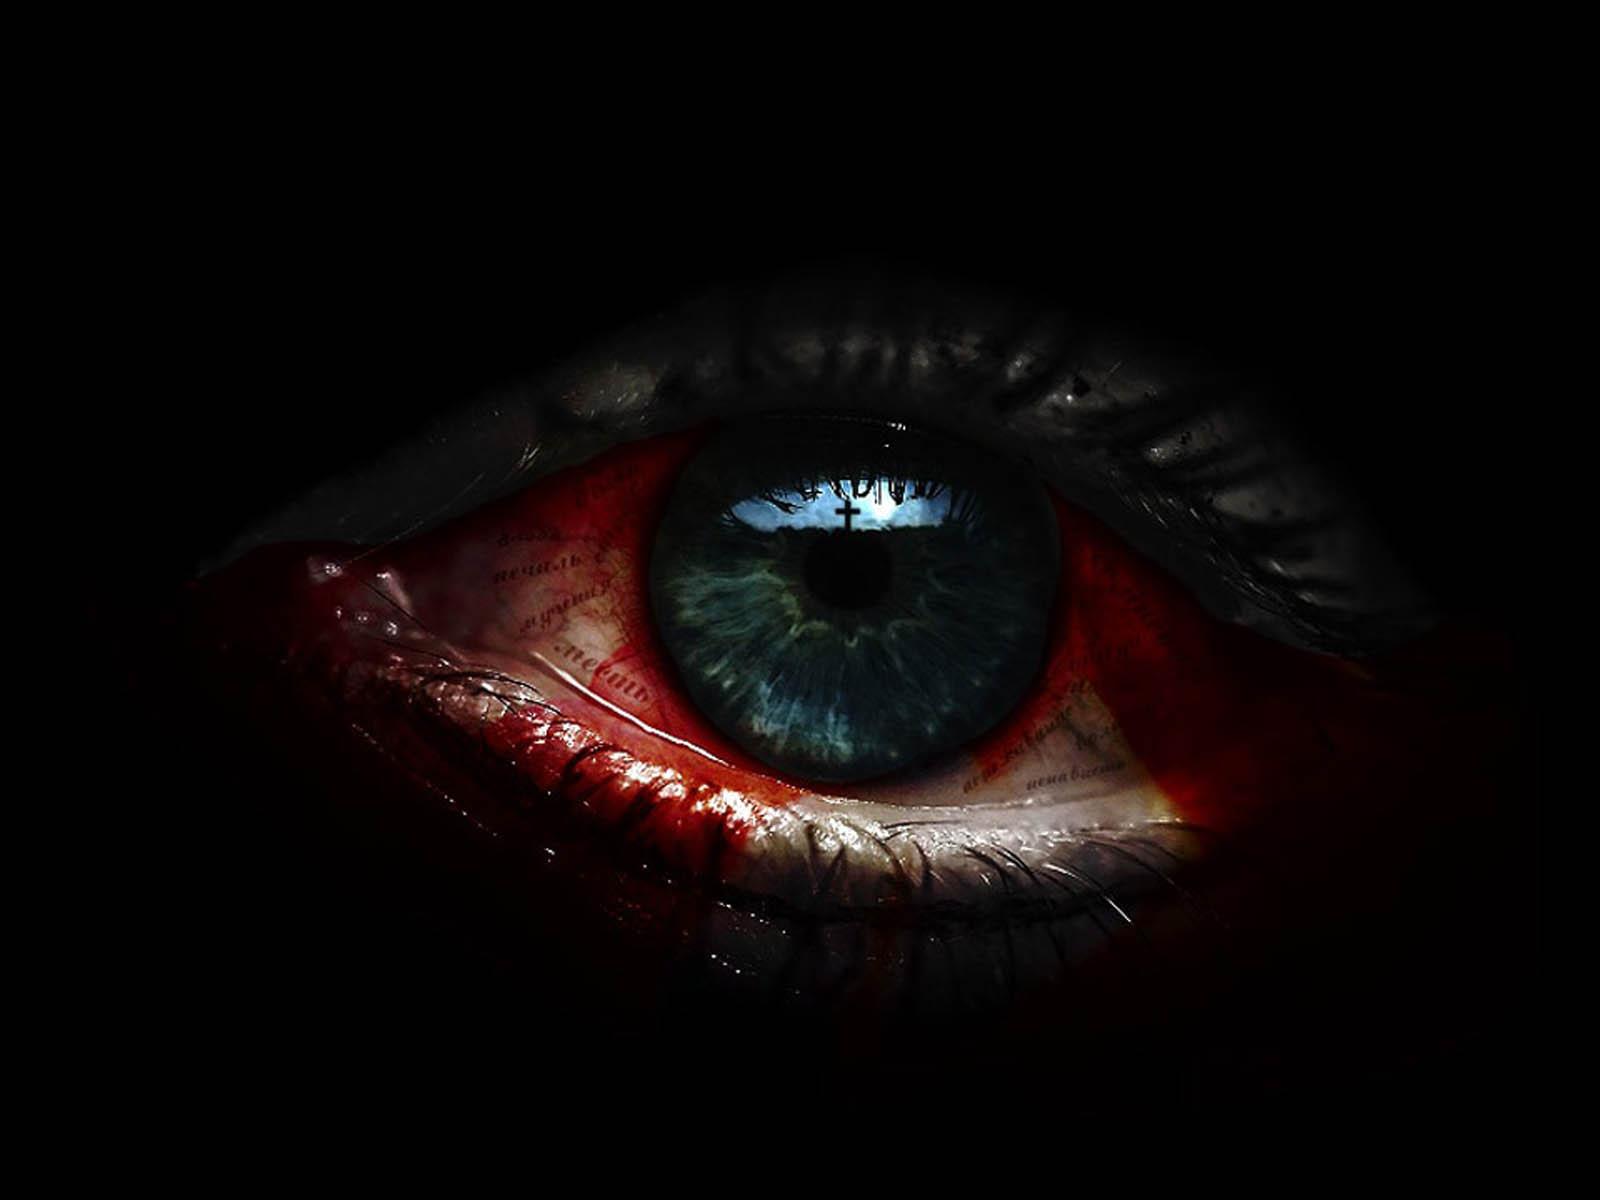 Eye Wallpapers Horror Eye Desktop Wallpapers Horror Eye Desktop 1600x1200